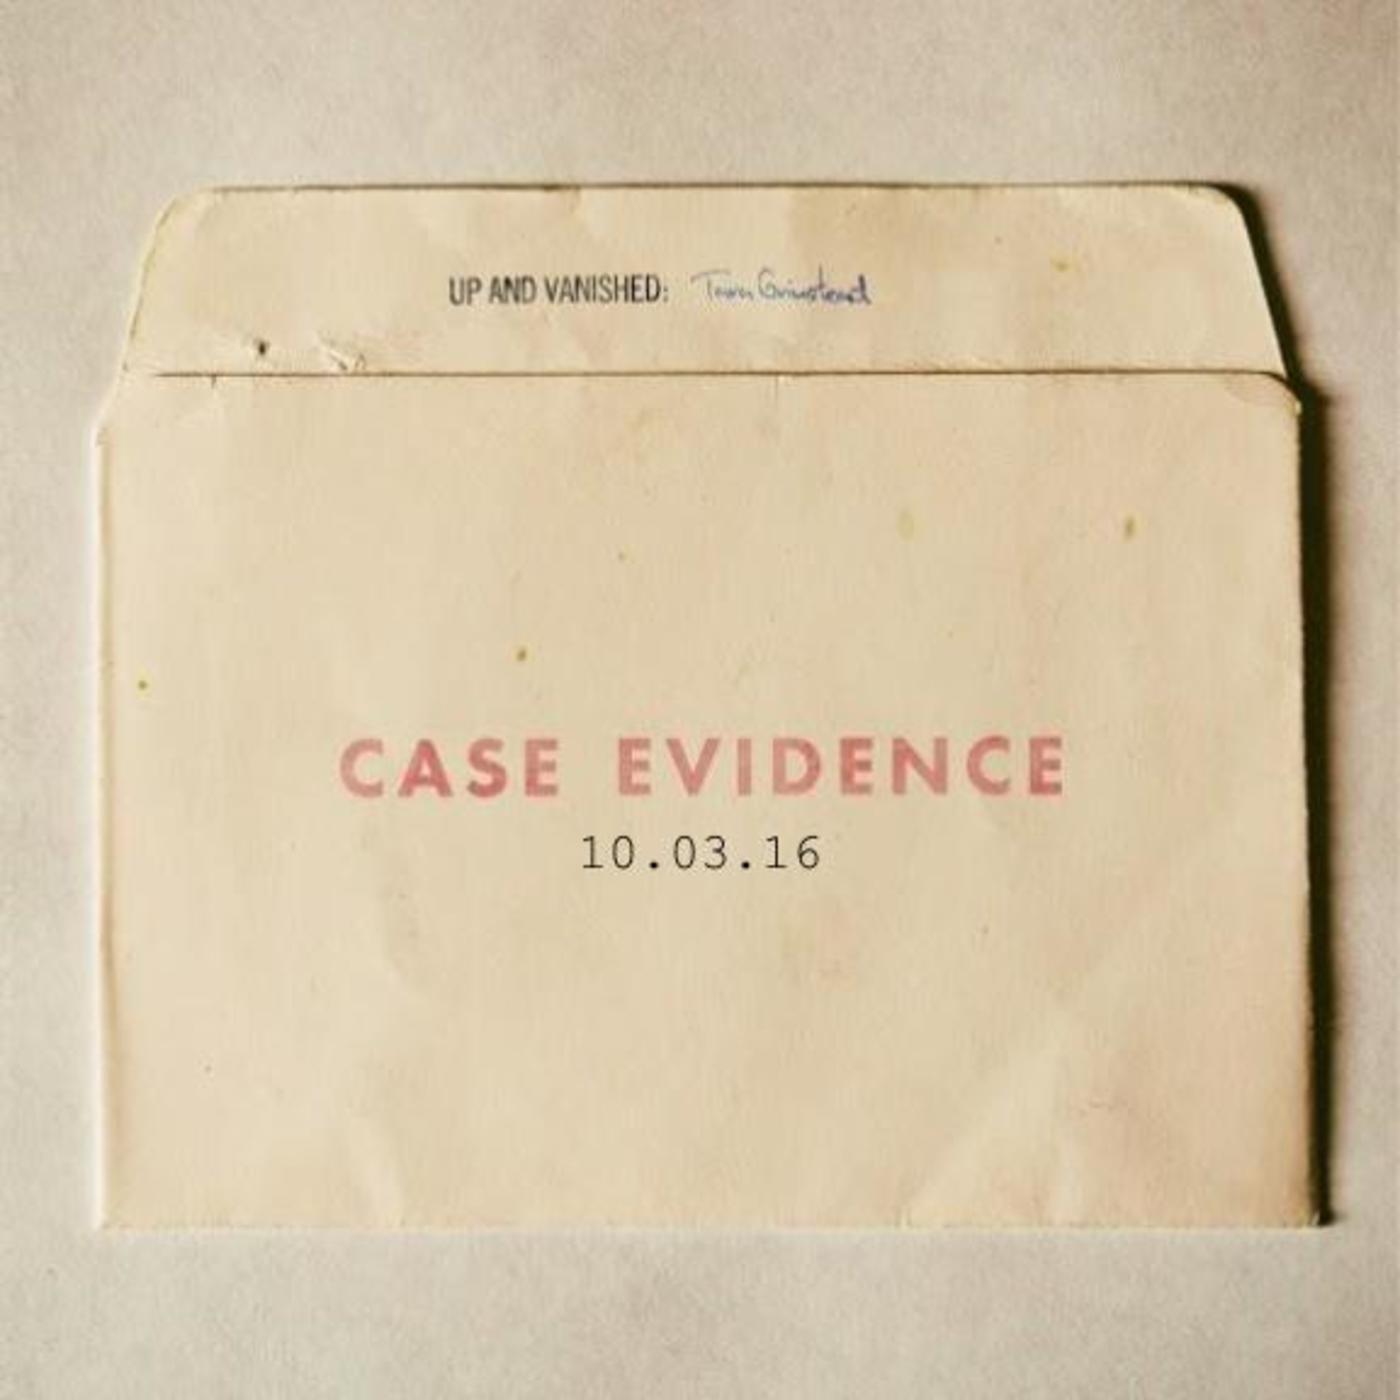 S1E : Case Evidence 10.03.16